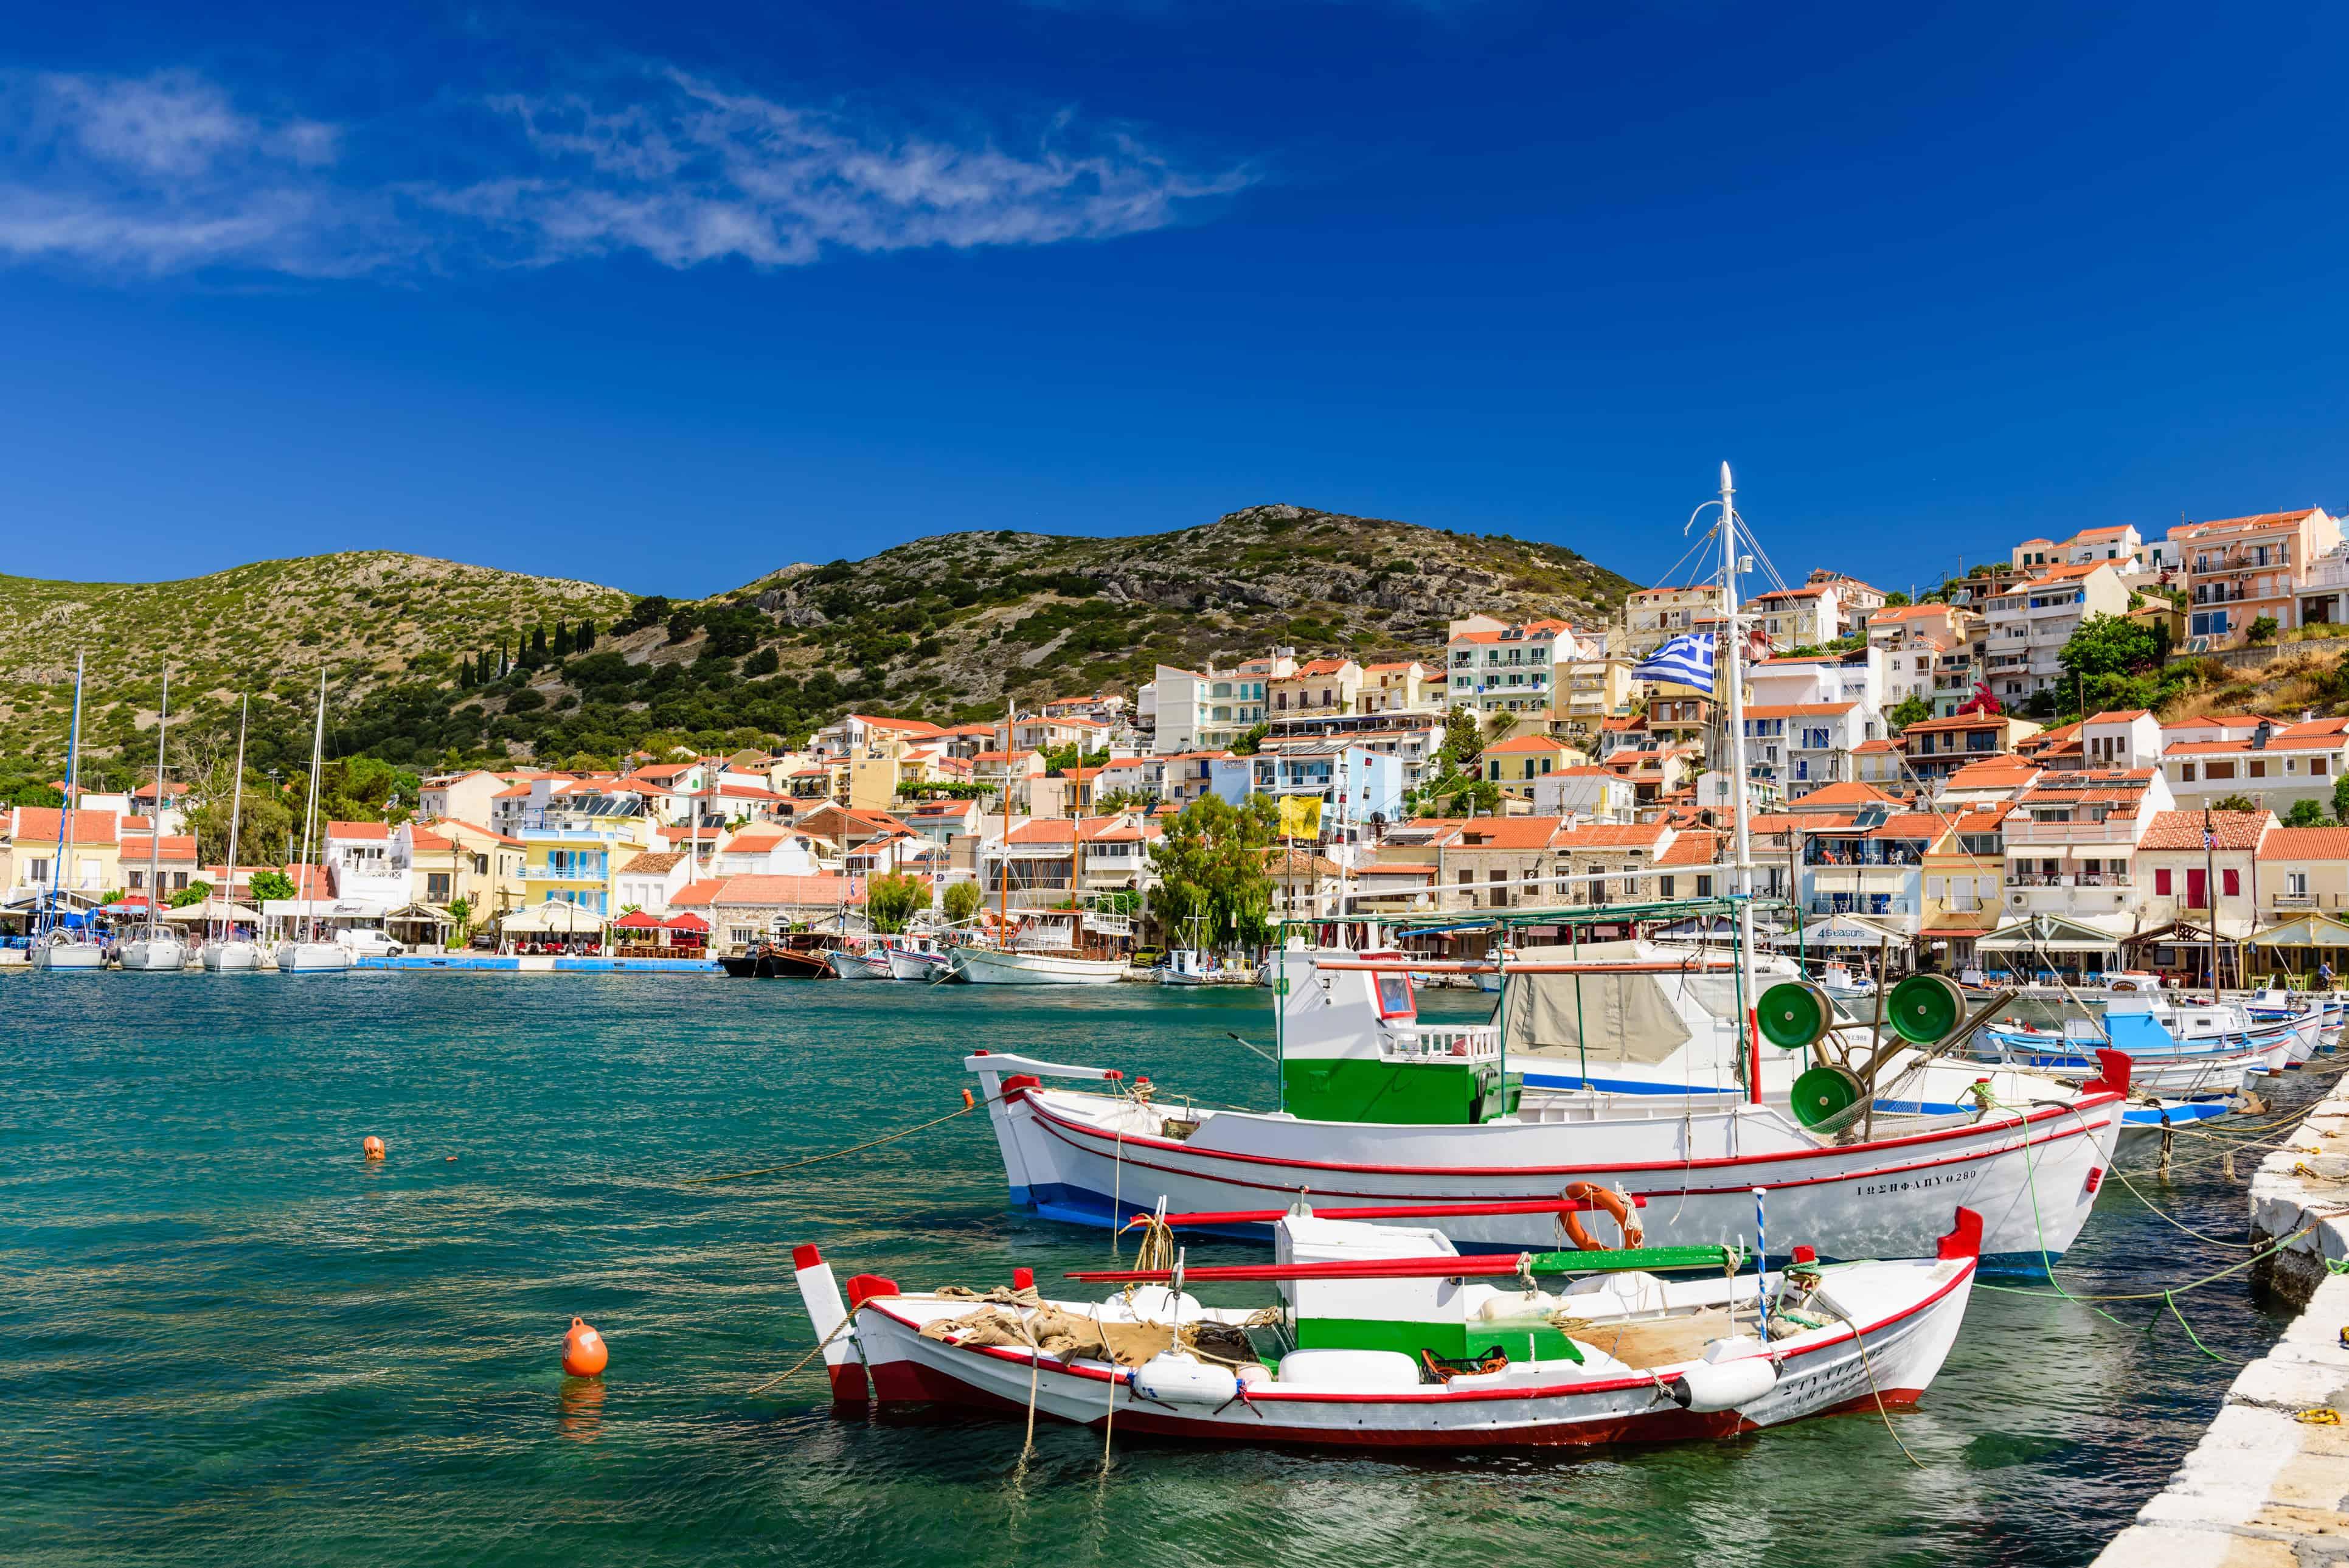 Bootjes in de haven van Pythagorion op Samos